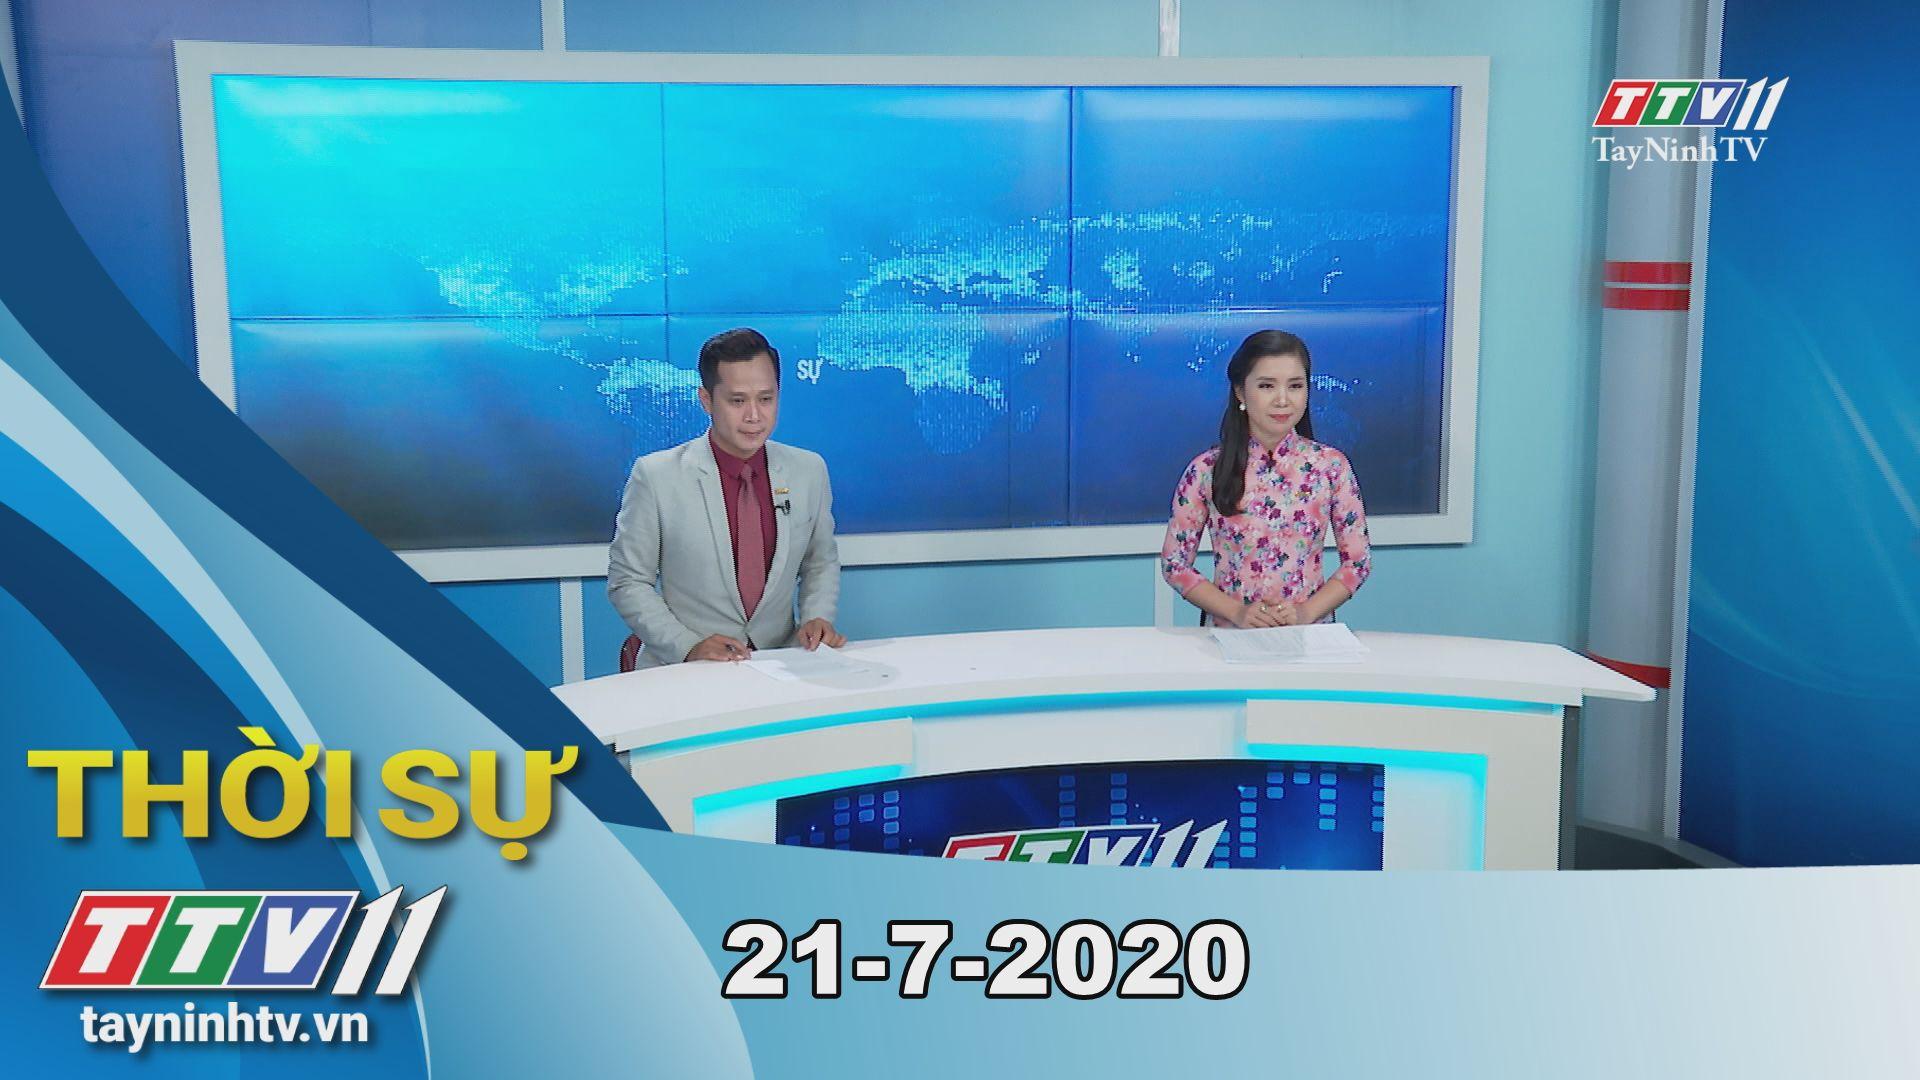 Thời sự Tây Ninh 21-7-2020 | Tin tức hôm nay | TayNinhTV